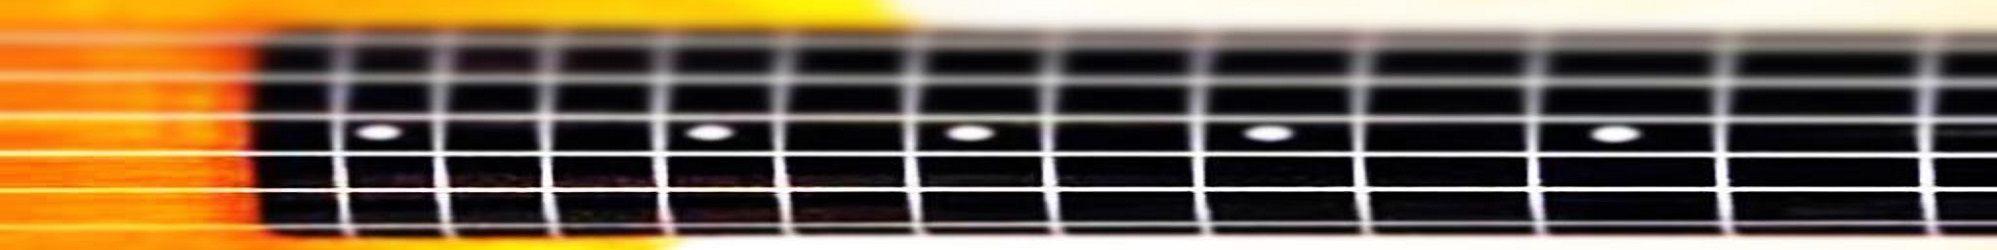 Afinador de guitarra